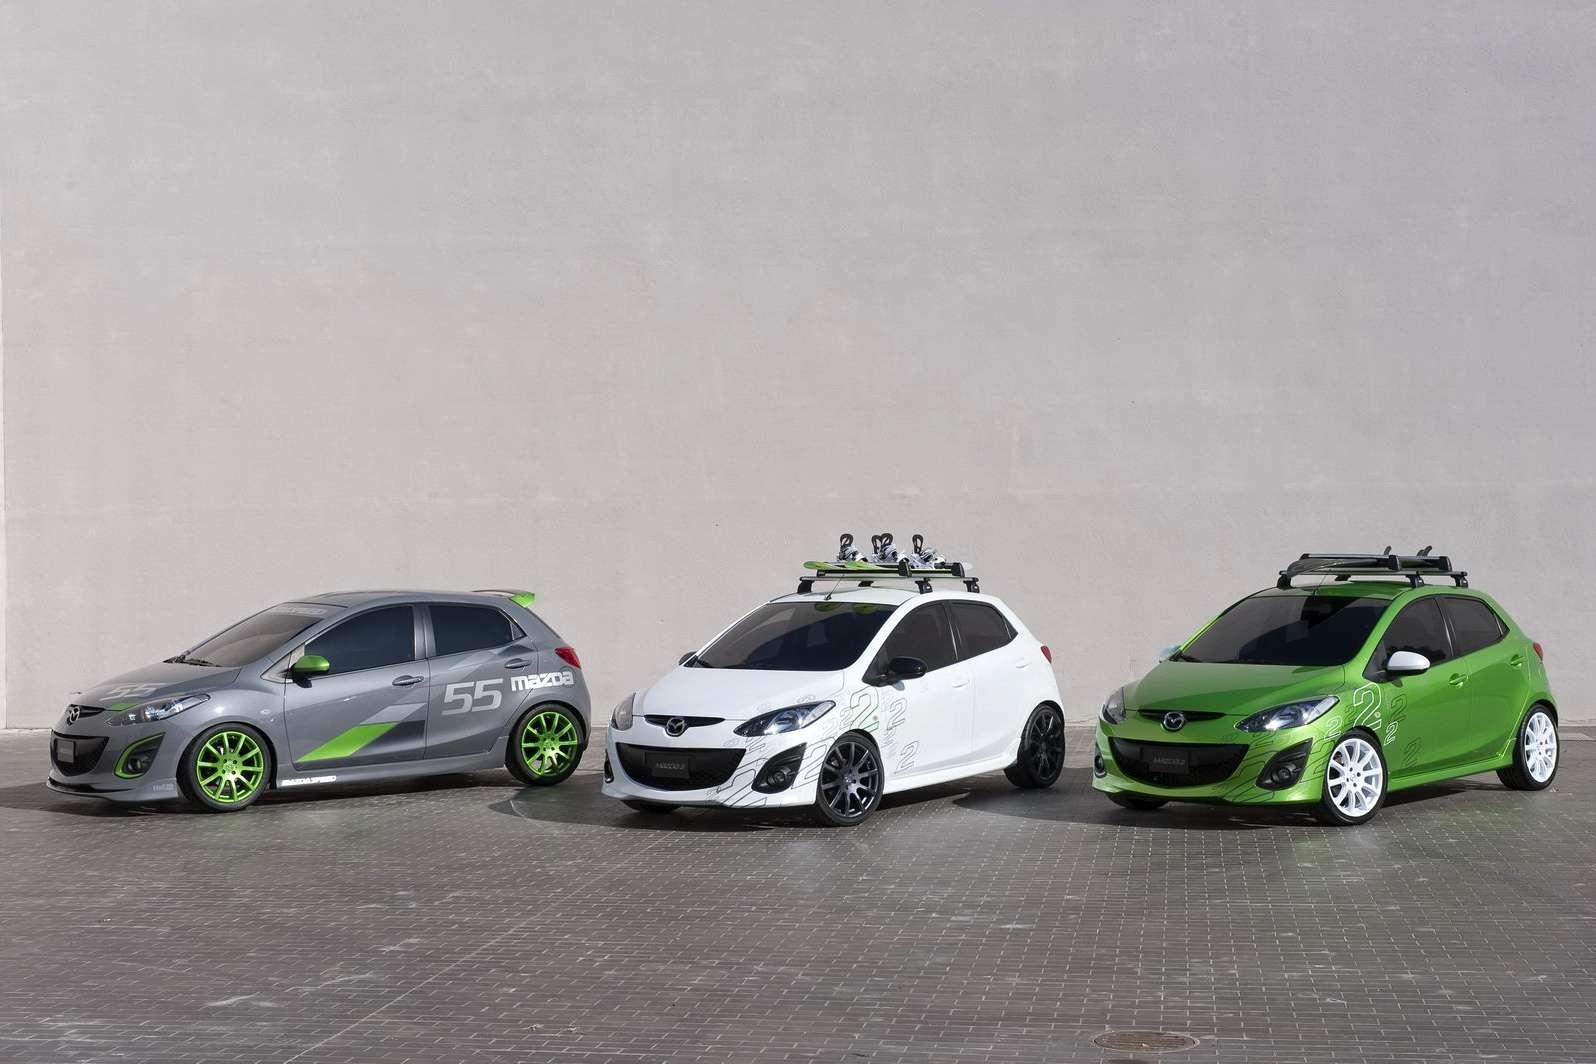 Mazda LA show trio 2009